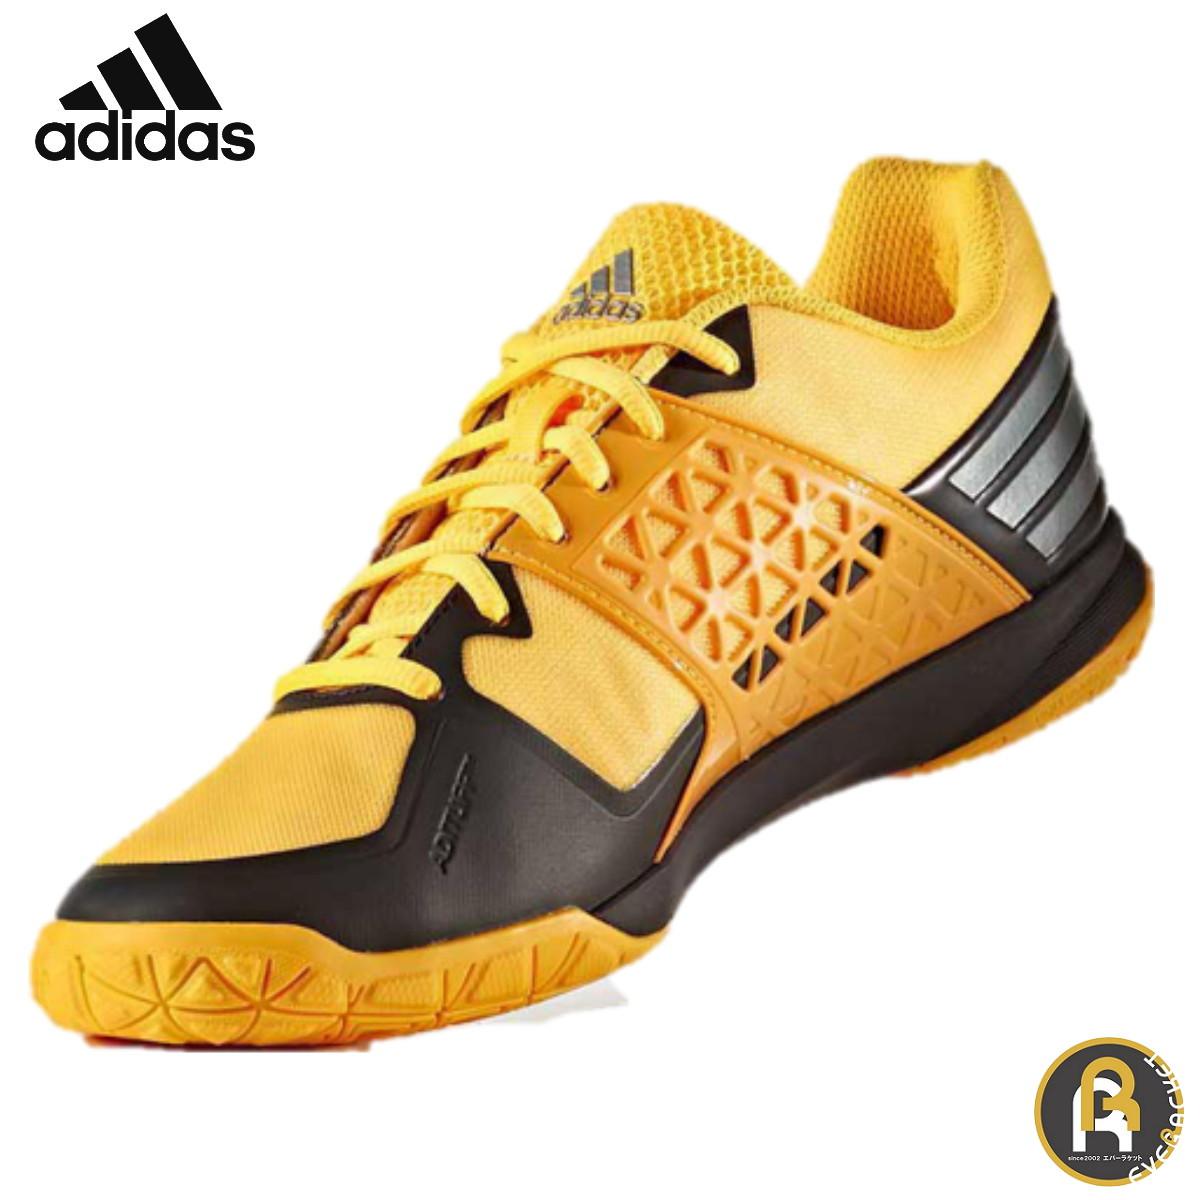 adidas アディダススリービー ラケットスポーツジャパン バドミントン バドミントンシューズ ウバシャルF6 BB4836